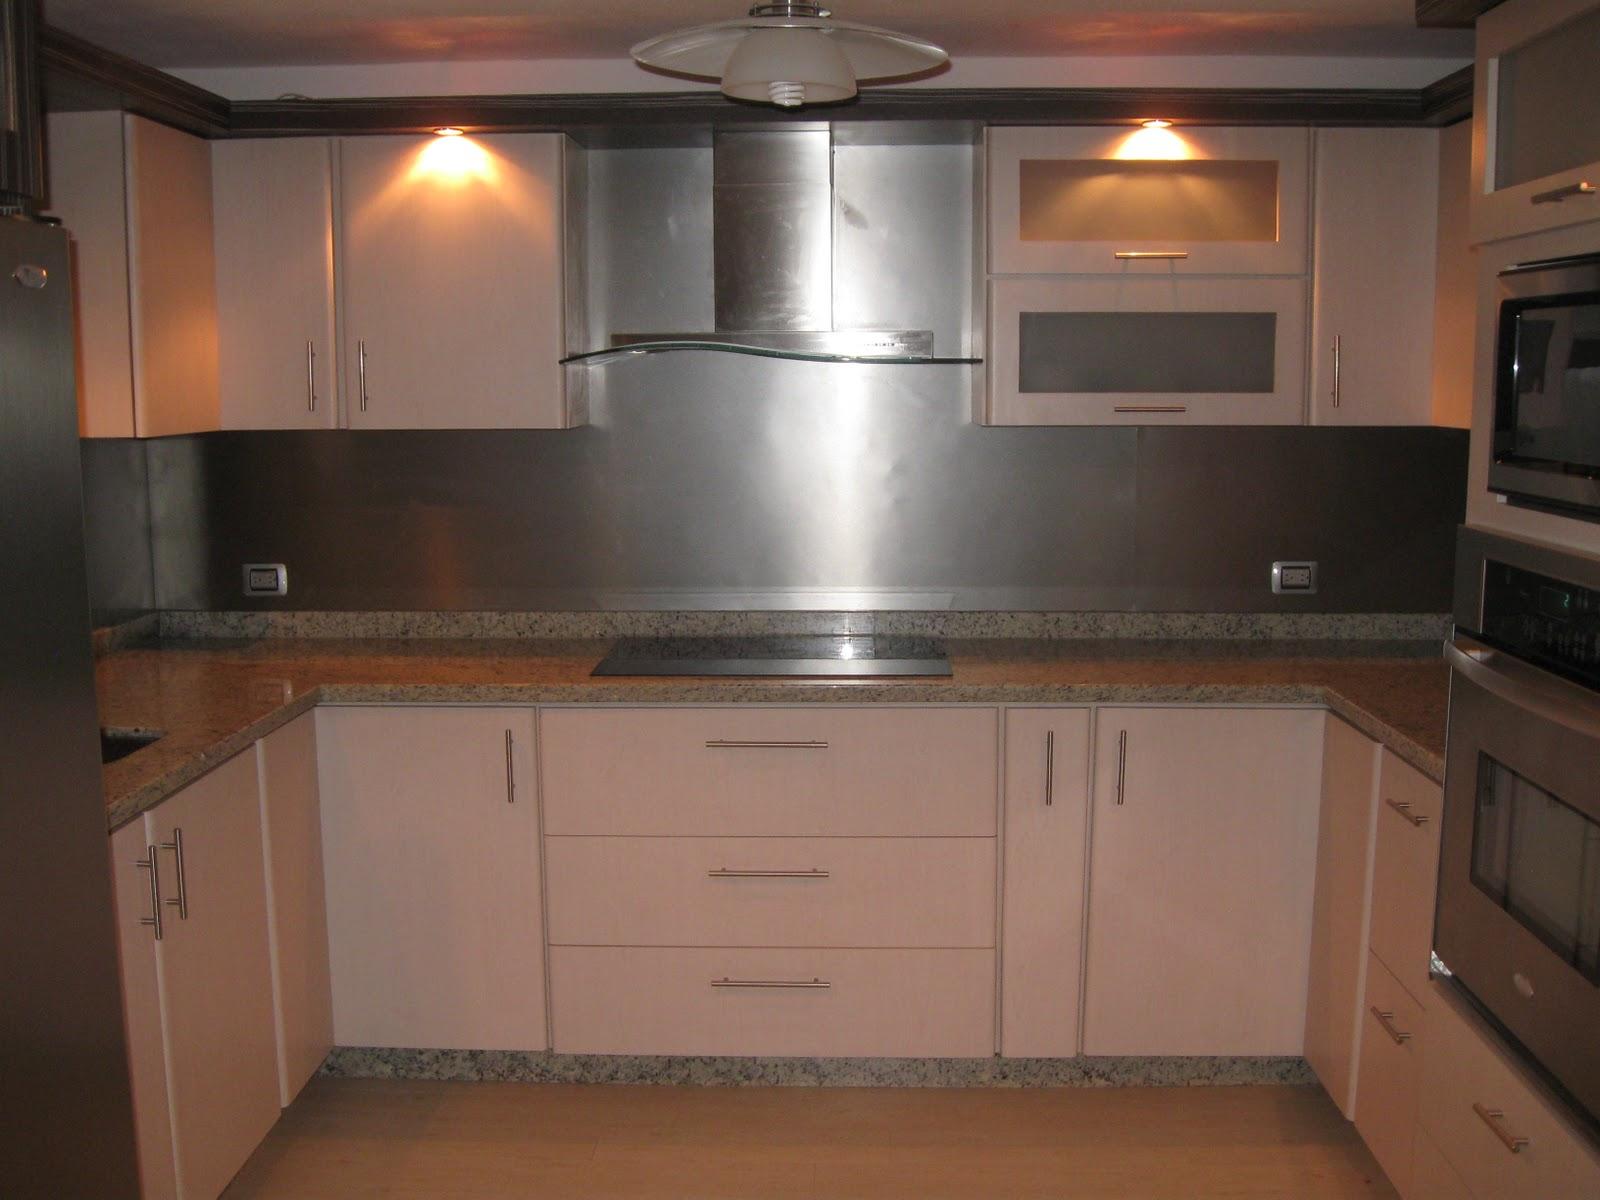 Cocina laminado zebra maple claro cocinas mobiliarios for Cocinas integrales bogota sur